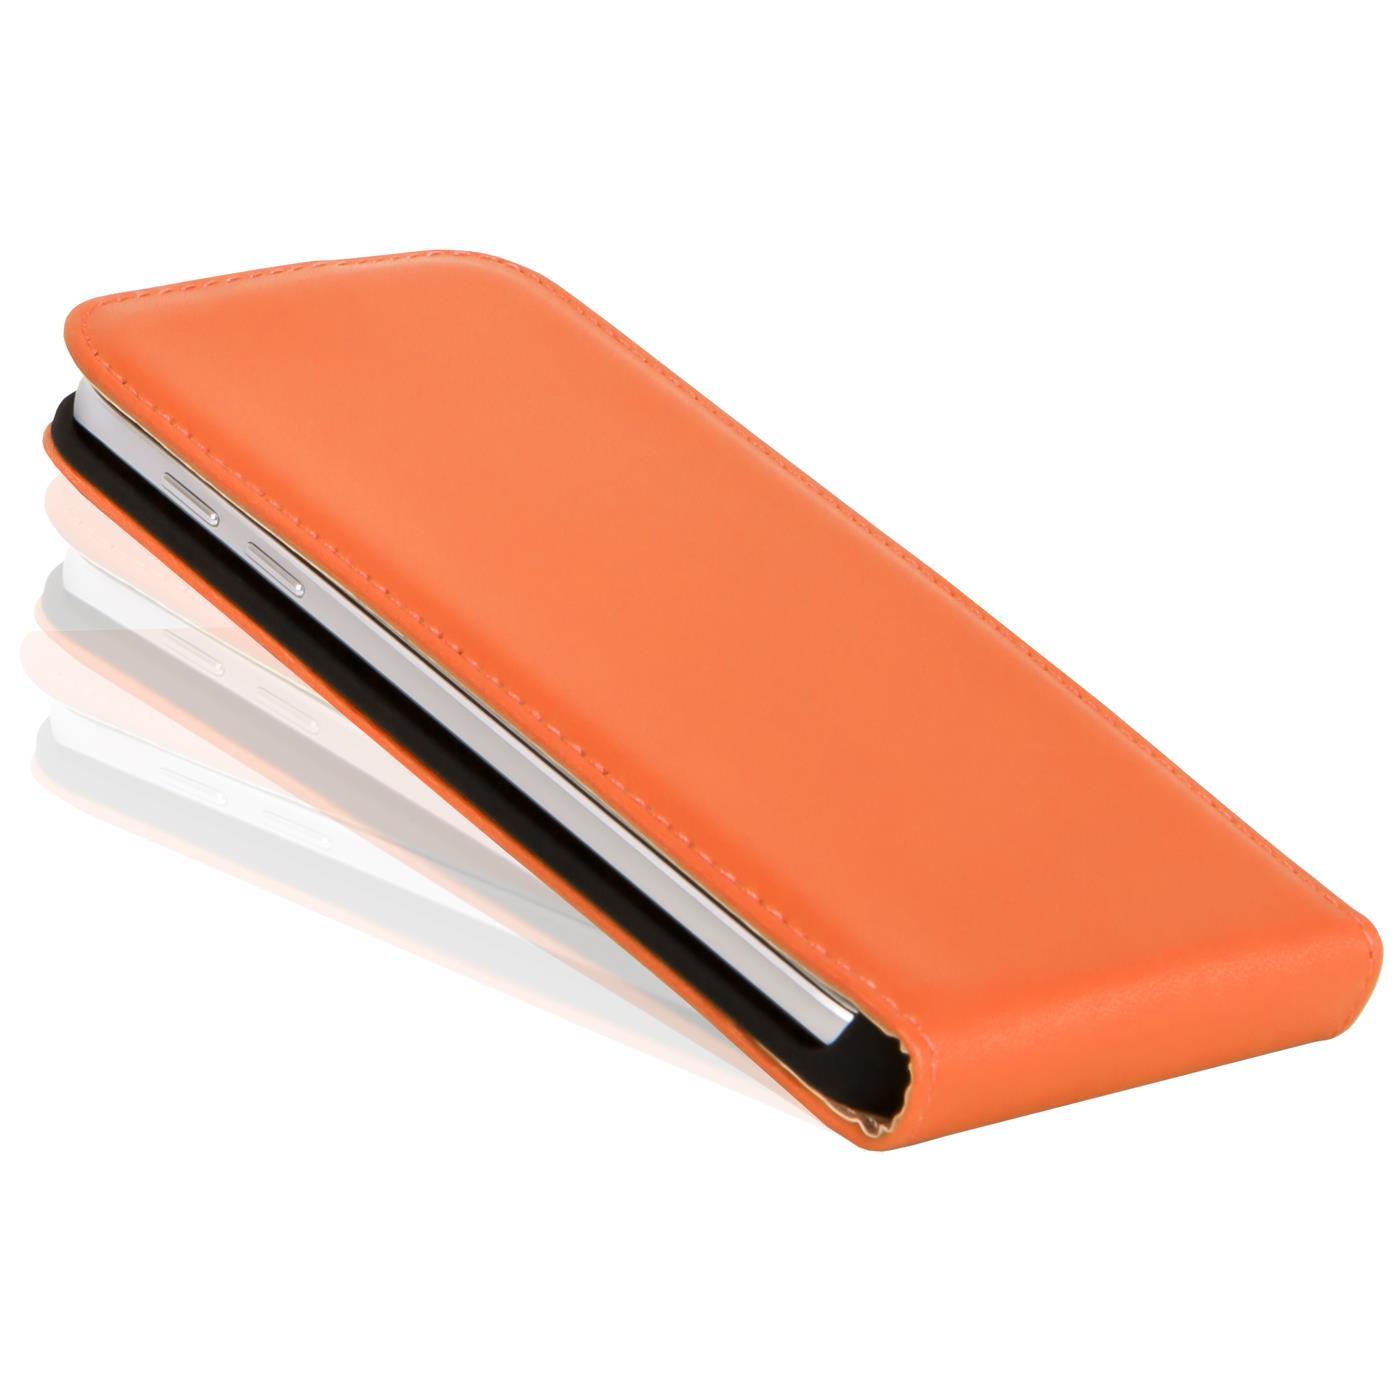 Klapphuelle-Samsung-Galaxy-Flip-Case-Tasche-Schutzhuelle-Cover-Schutz-Handy-Huelle Indexbild 59